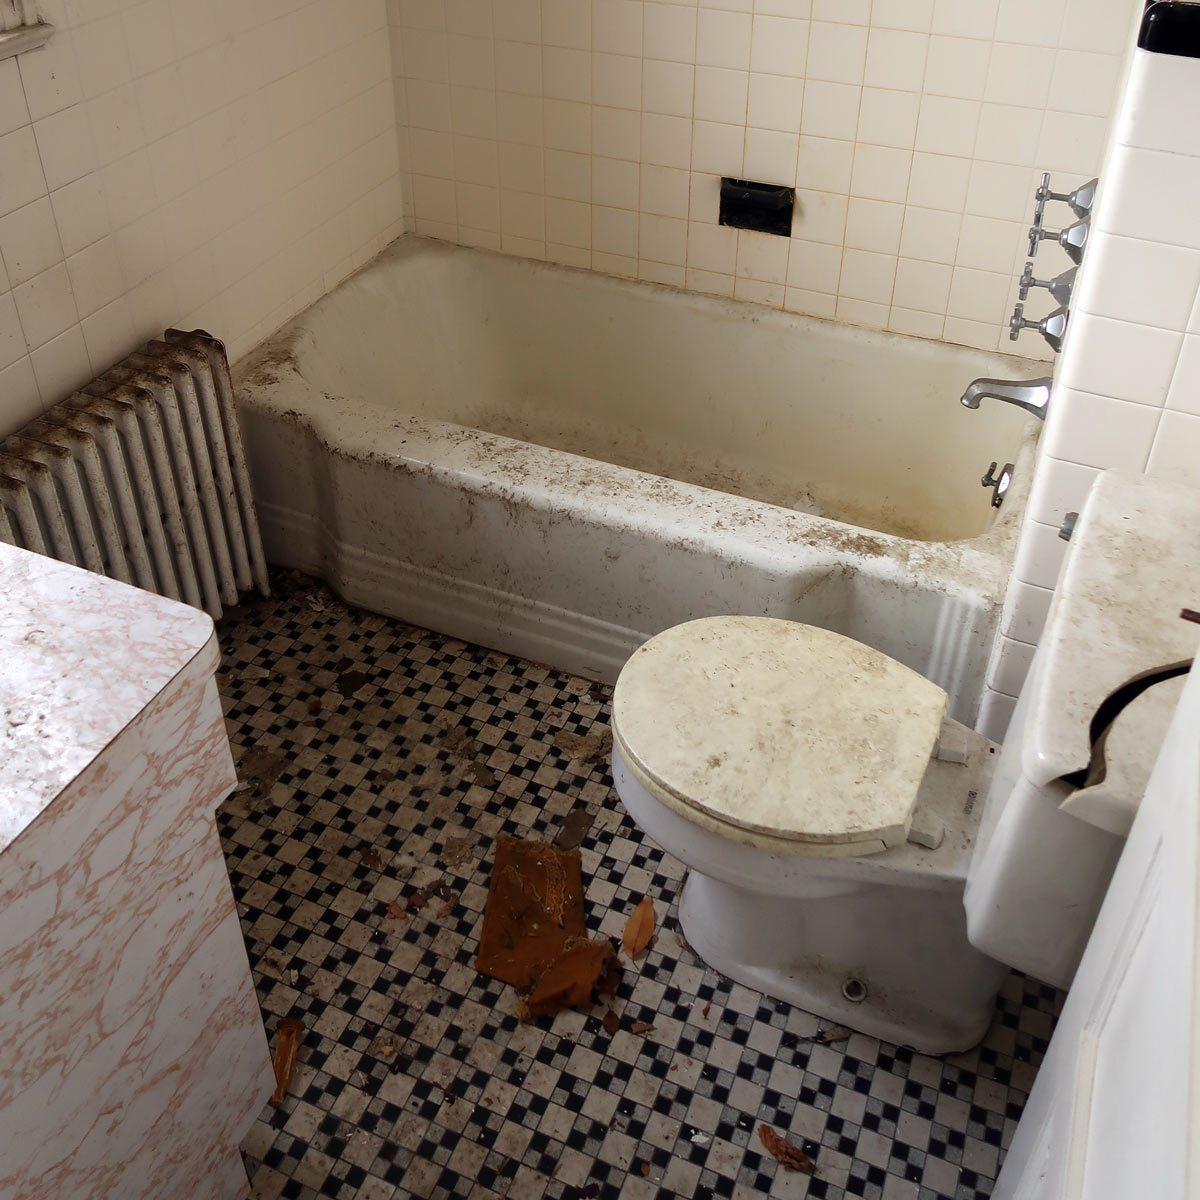 Dirty-bathroom-in-an-abandoned-farmhouse